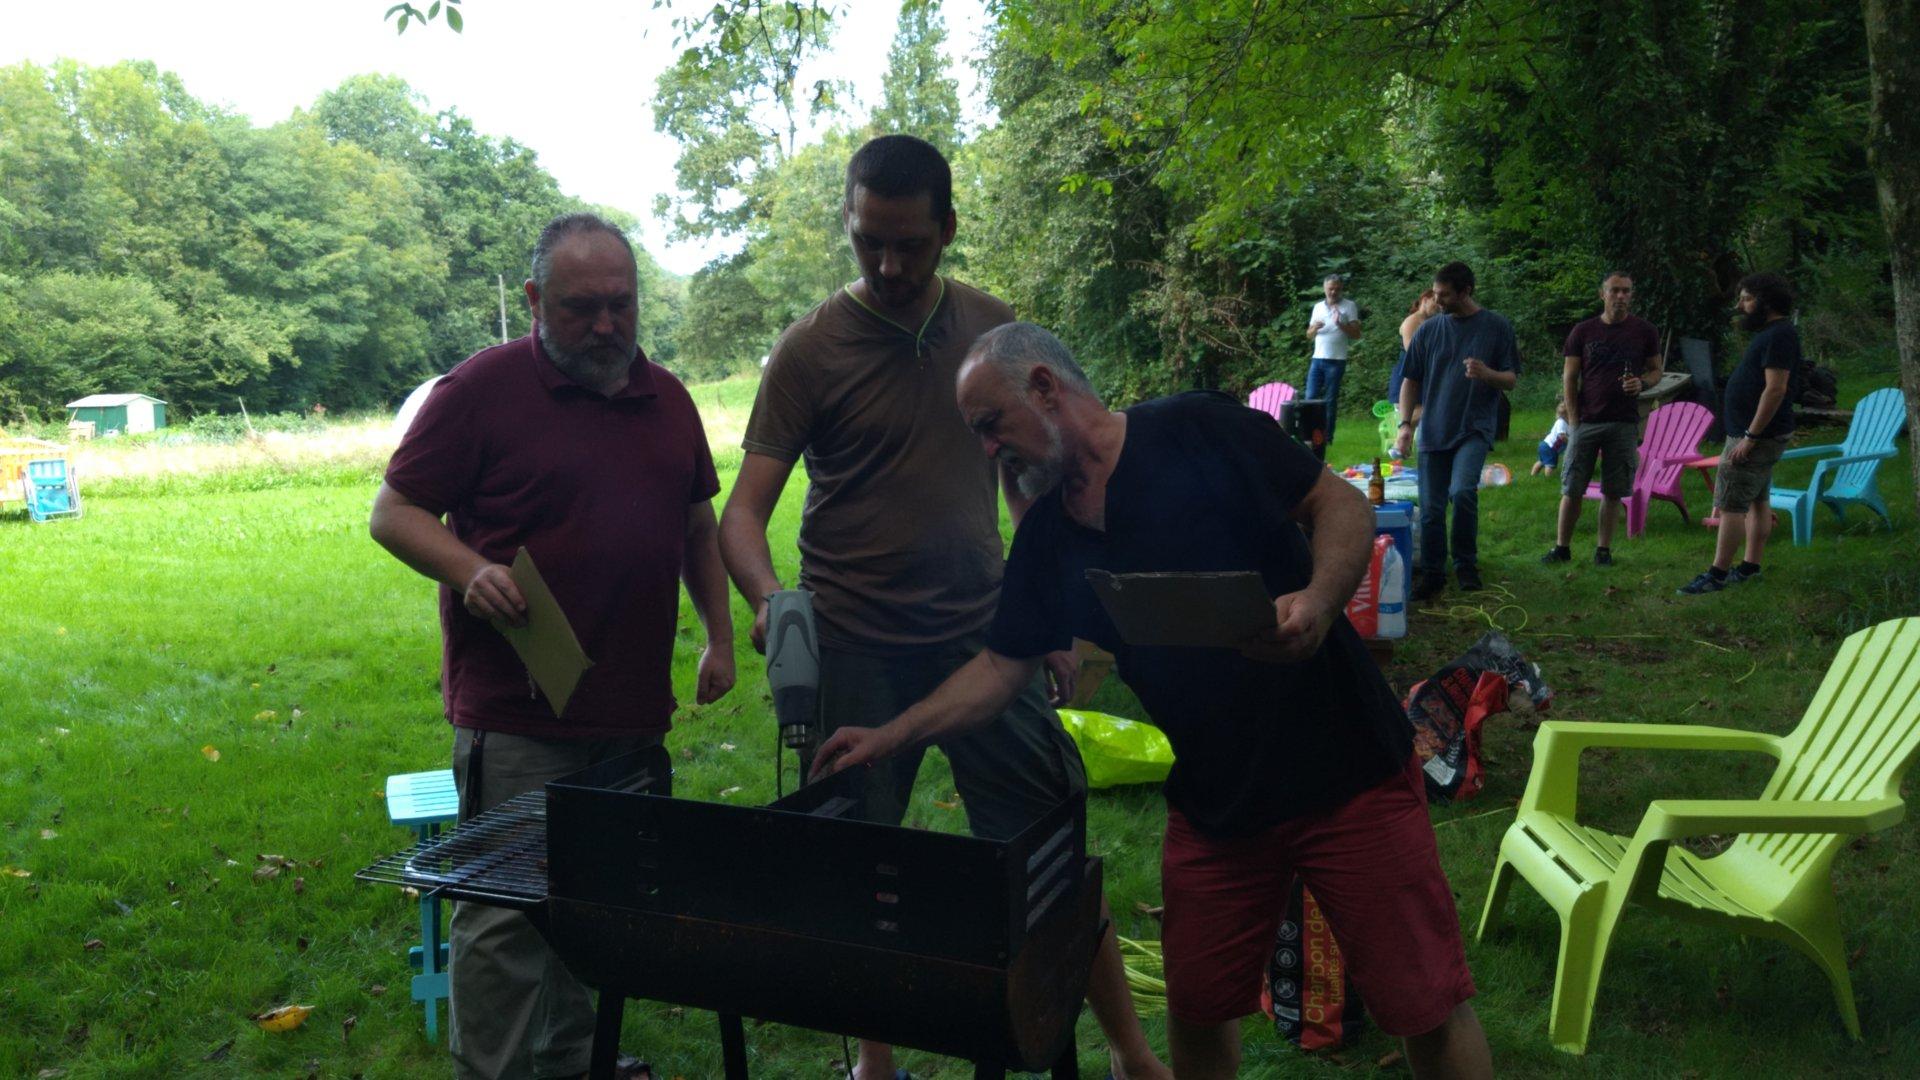 Barbecue 31 08 2019 03